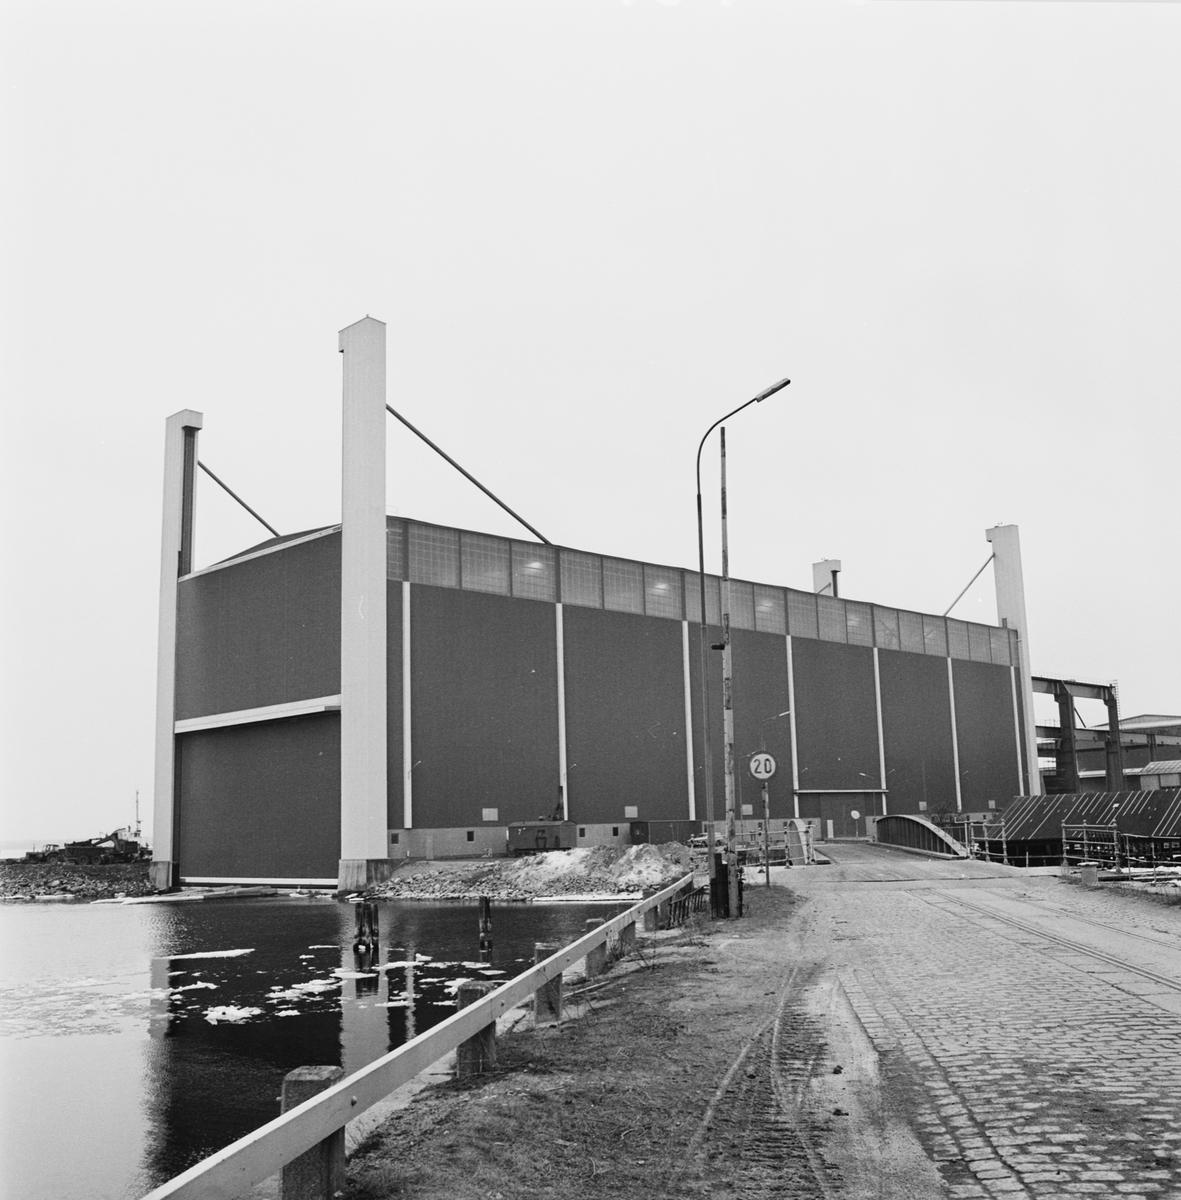 Övrigt: Foto datum:24/10 1972 Byggnader och kranar Exteriör av nya plåt och montagehallen. Närmast identisk bild: V50462, V50463, V50464, V50465, V50466 och V50467, ej skannade